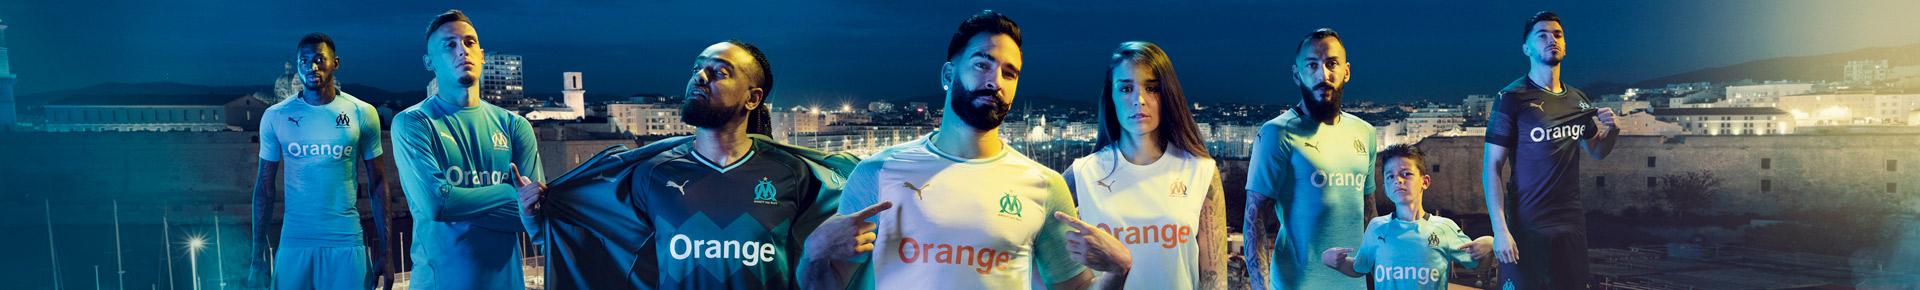 tous les maillots de Marseille 2018 2019